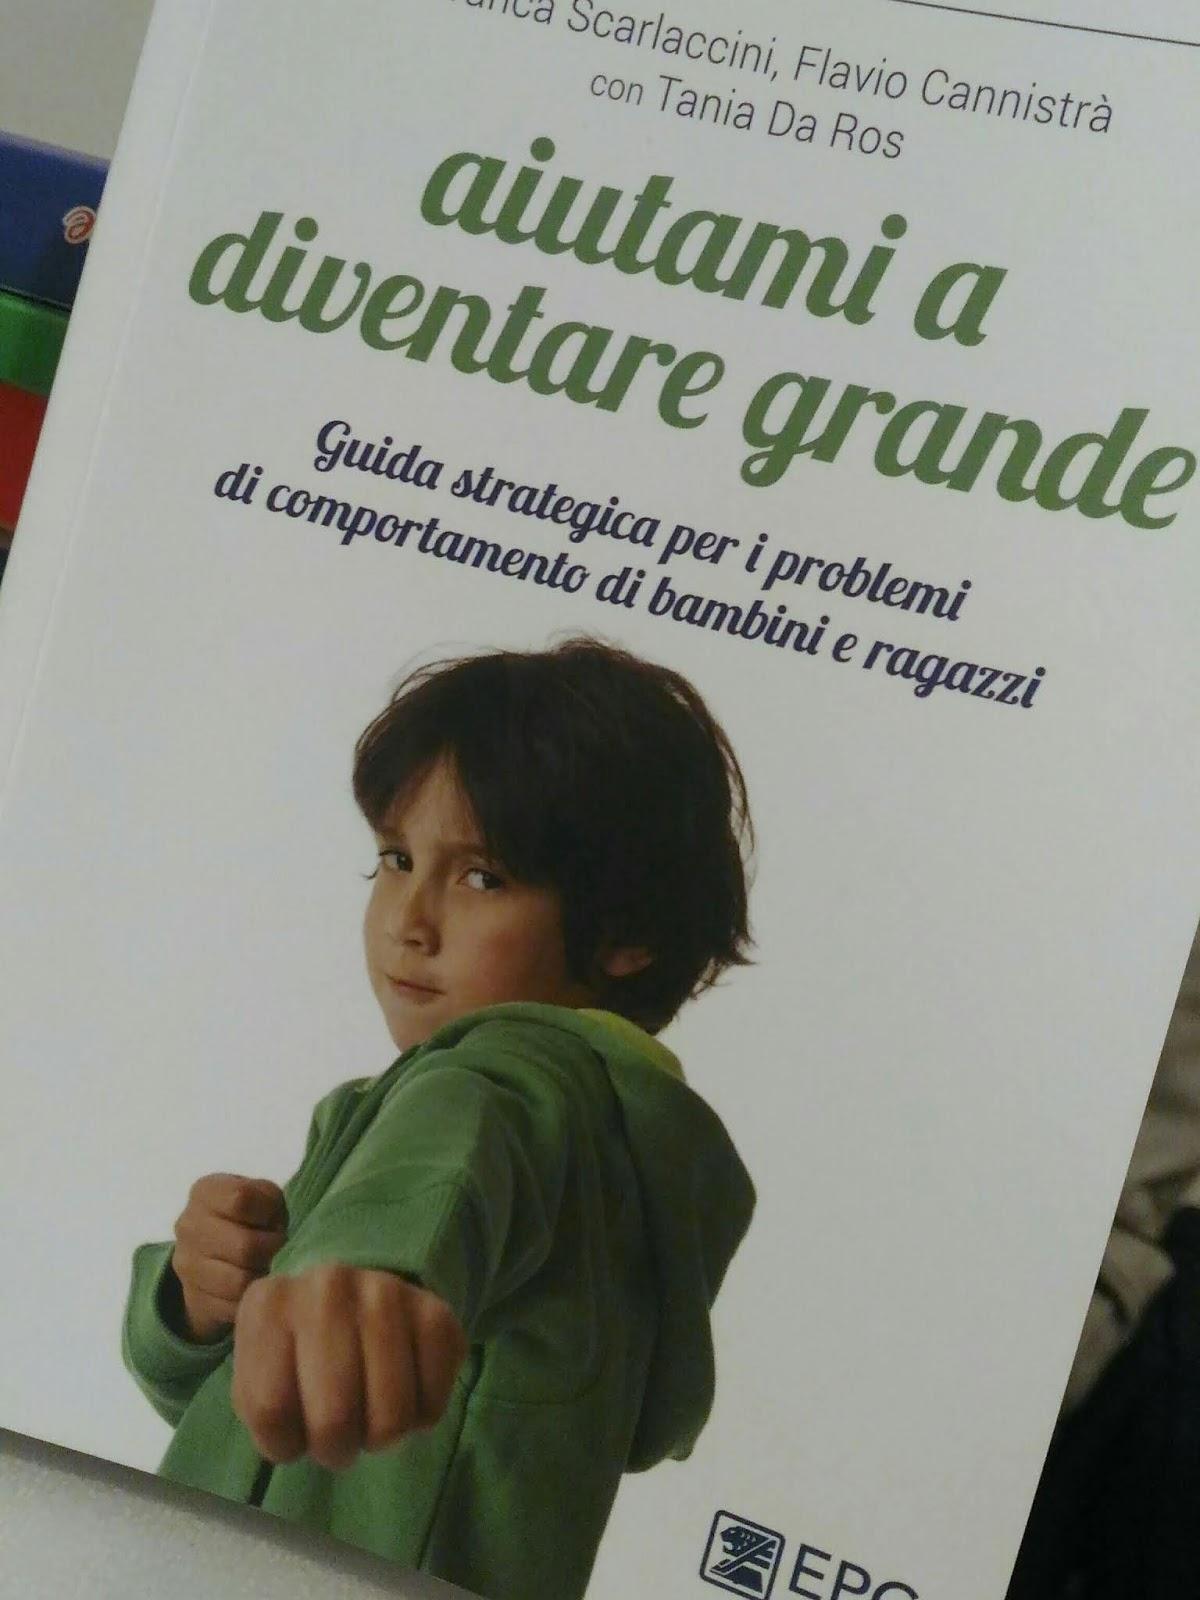 Franca Scarlaccini Aiutami a diventare grande